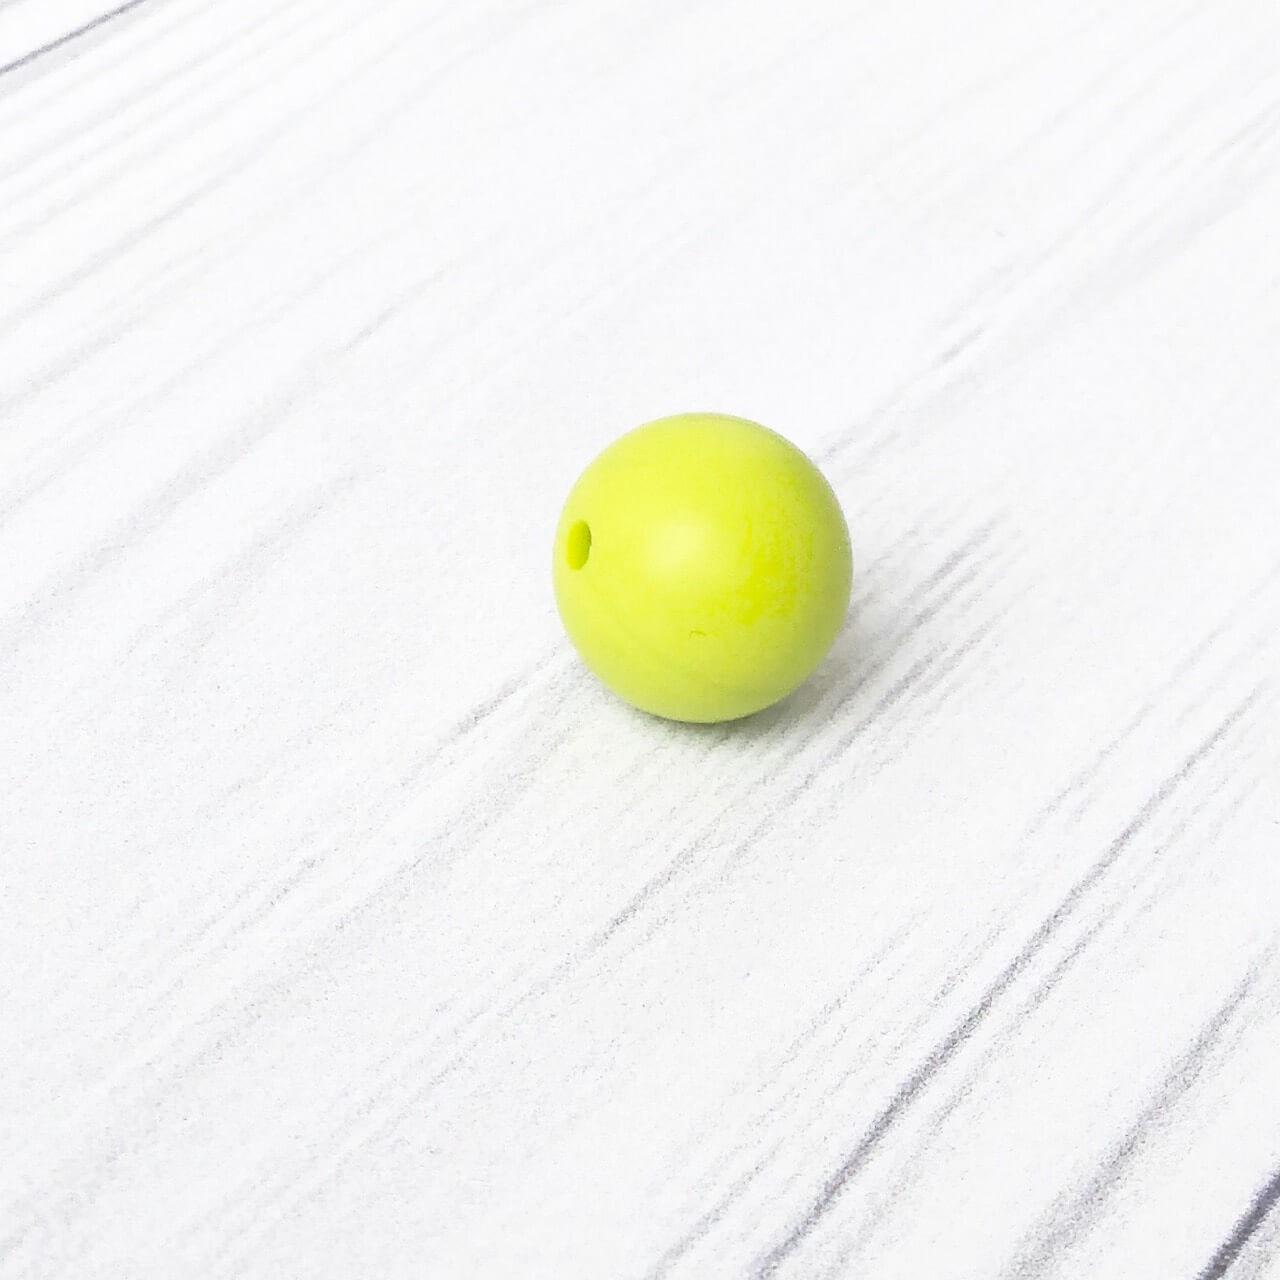 12мм (салатовая) круглая, силиконовая бусина